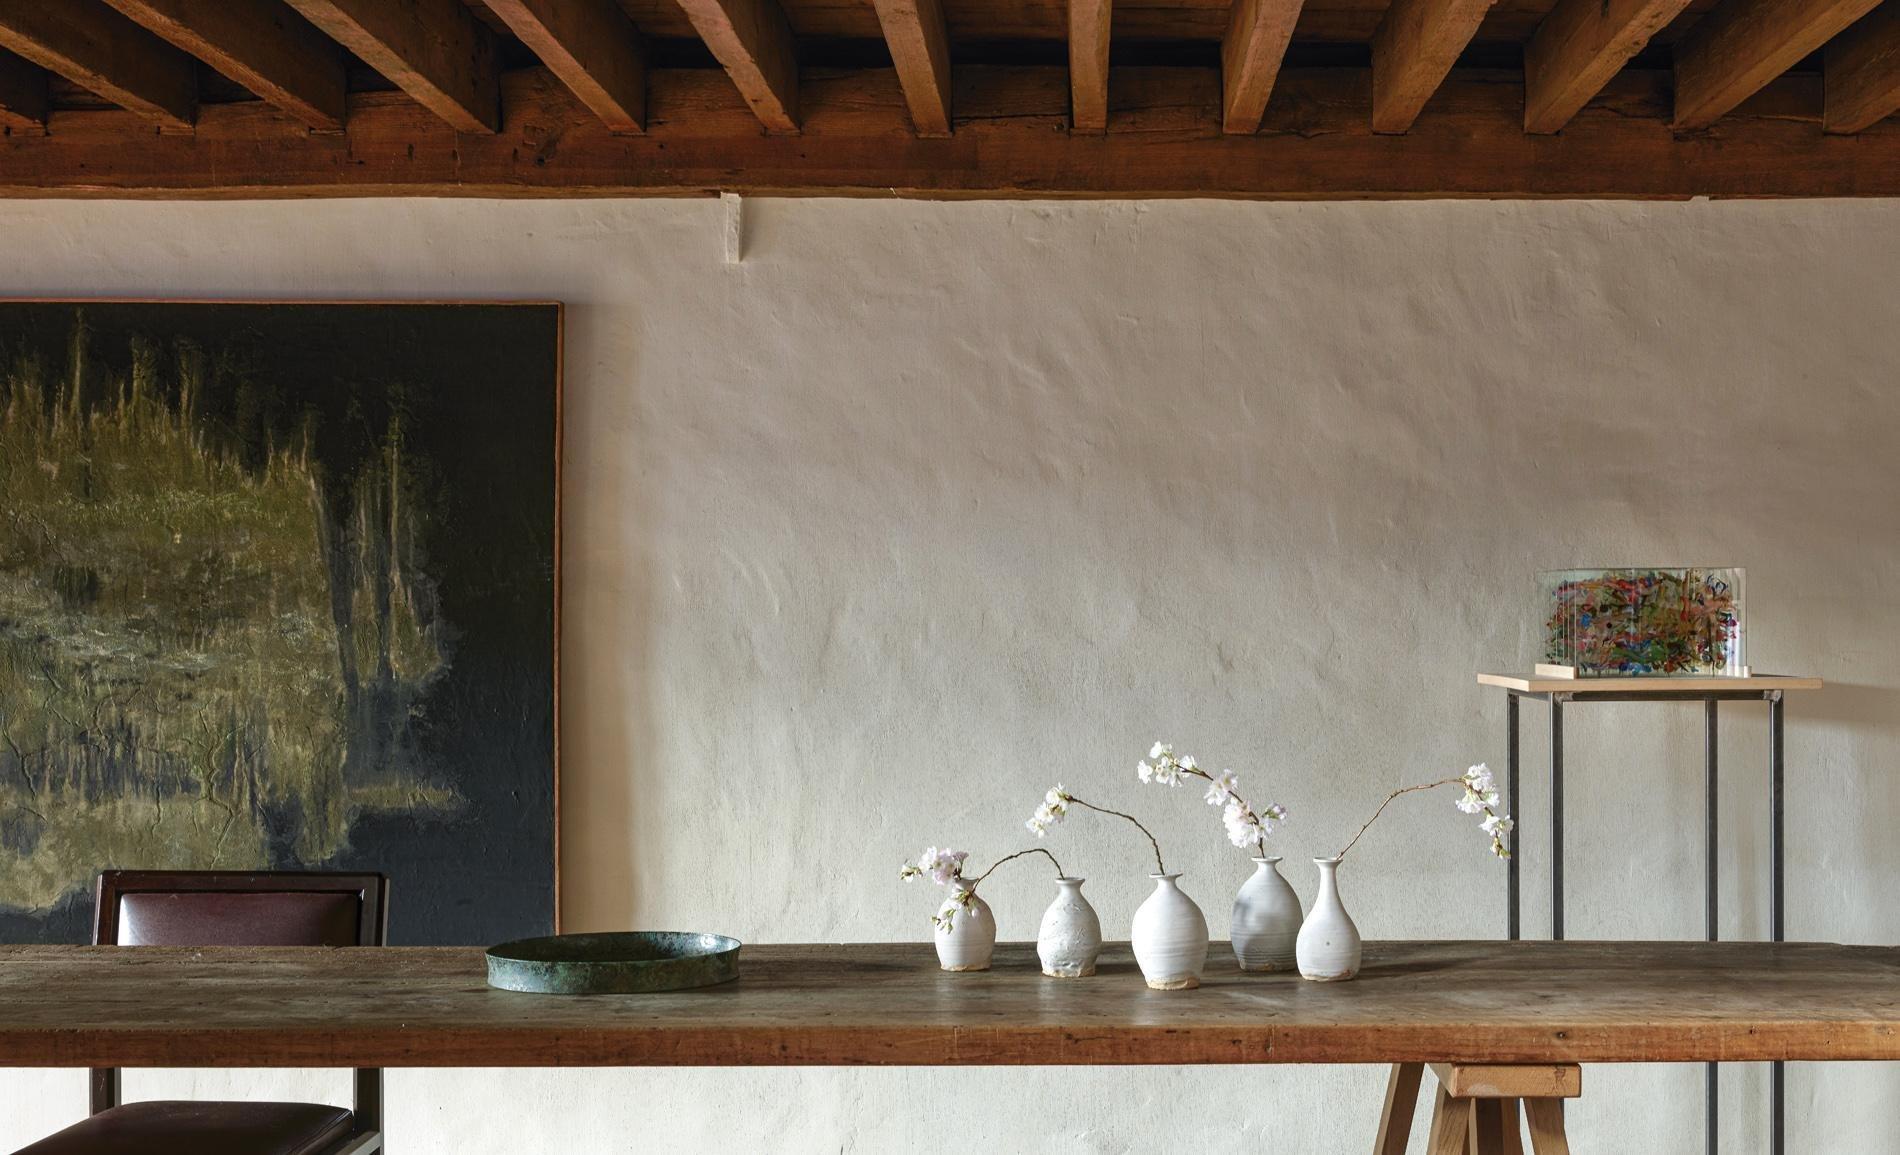 Espacio del diseñador Axel Vervoord con a¡paredes blancas y rugosas y vigas de madera